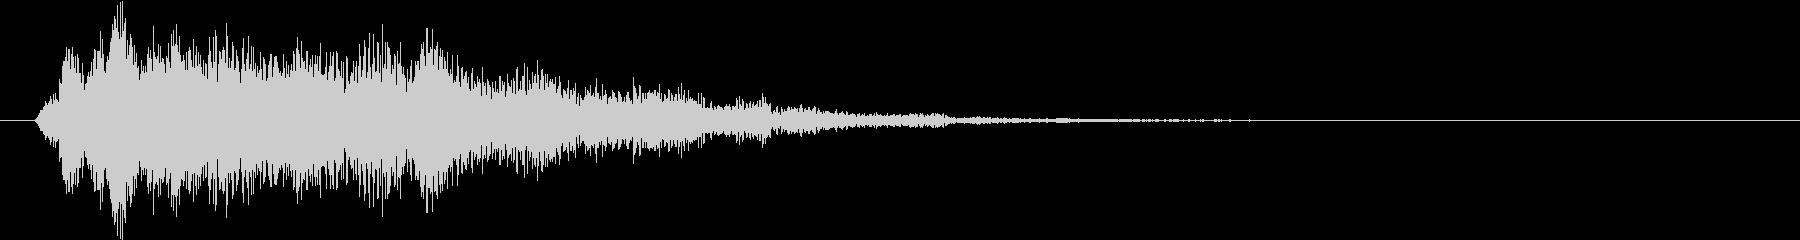 CMなどのサウンドロゴにの未再生の波形